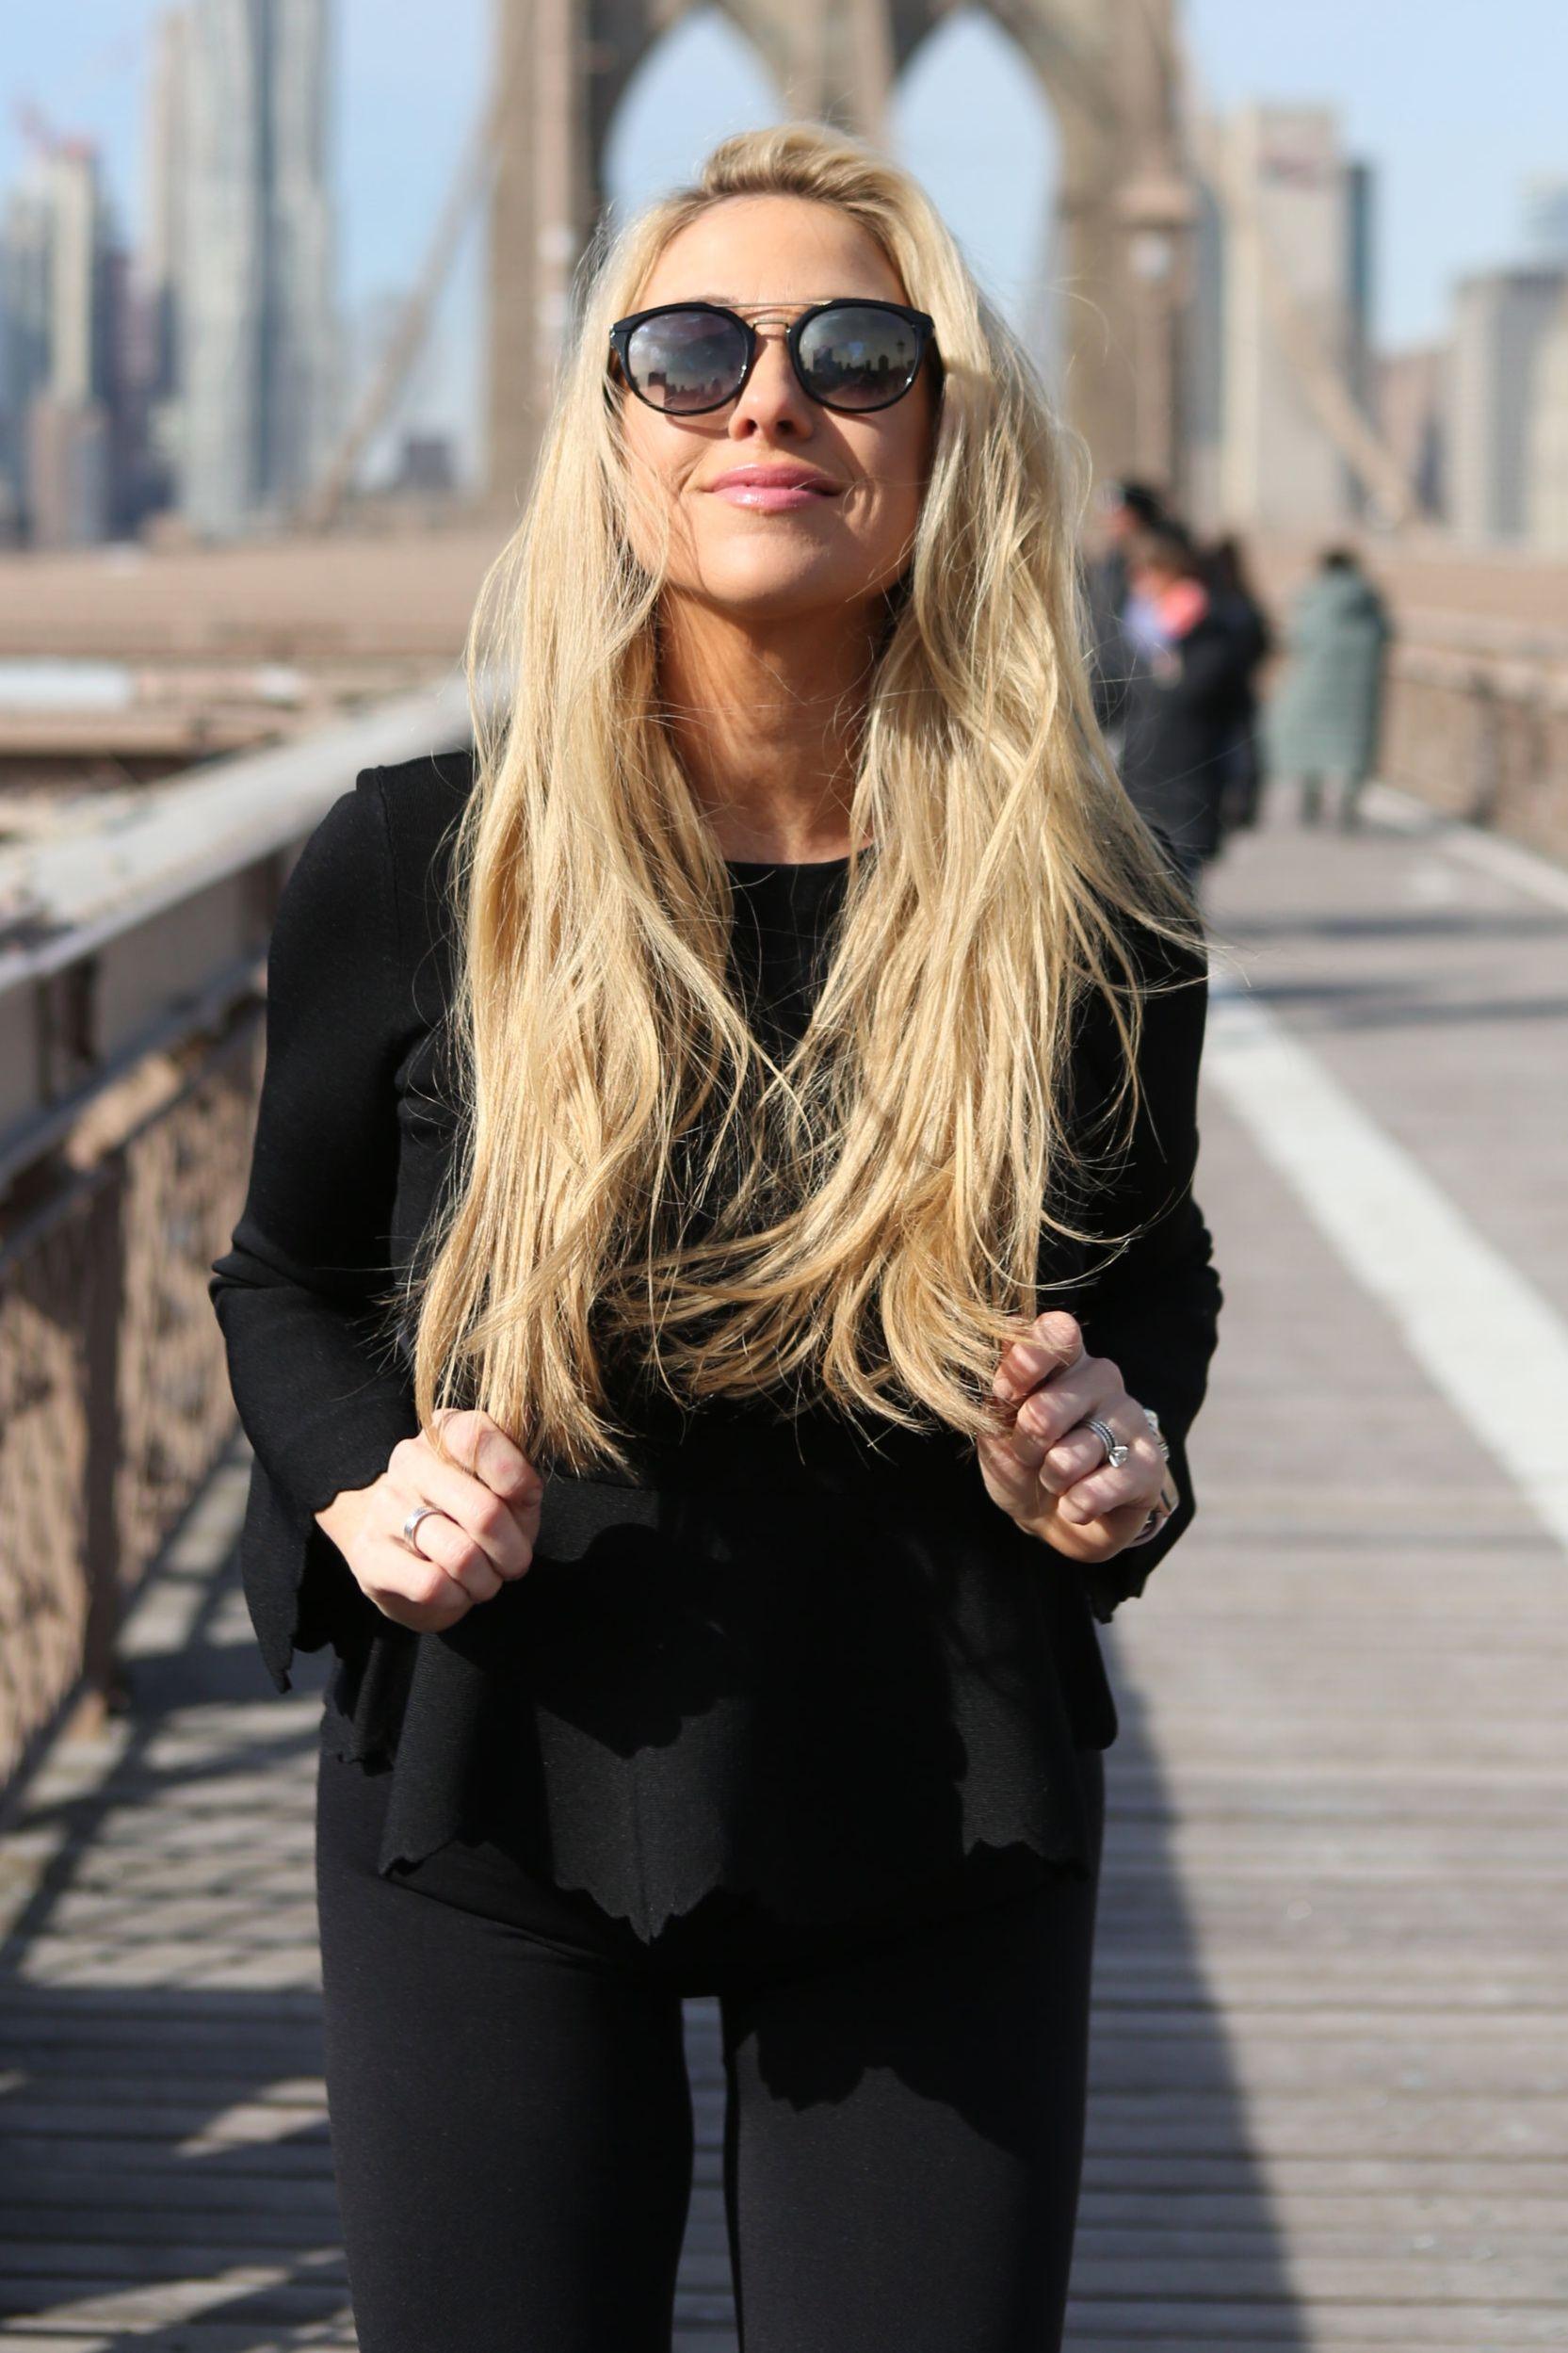 L'ange Hair Care Hair care, Hair, Lifestyle blog